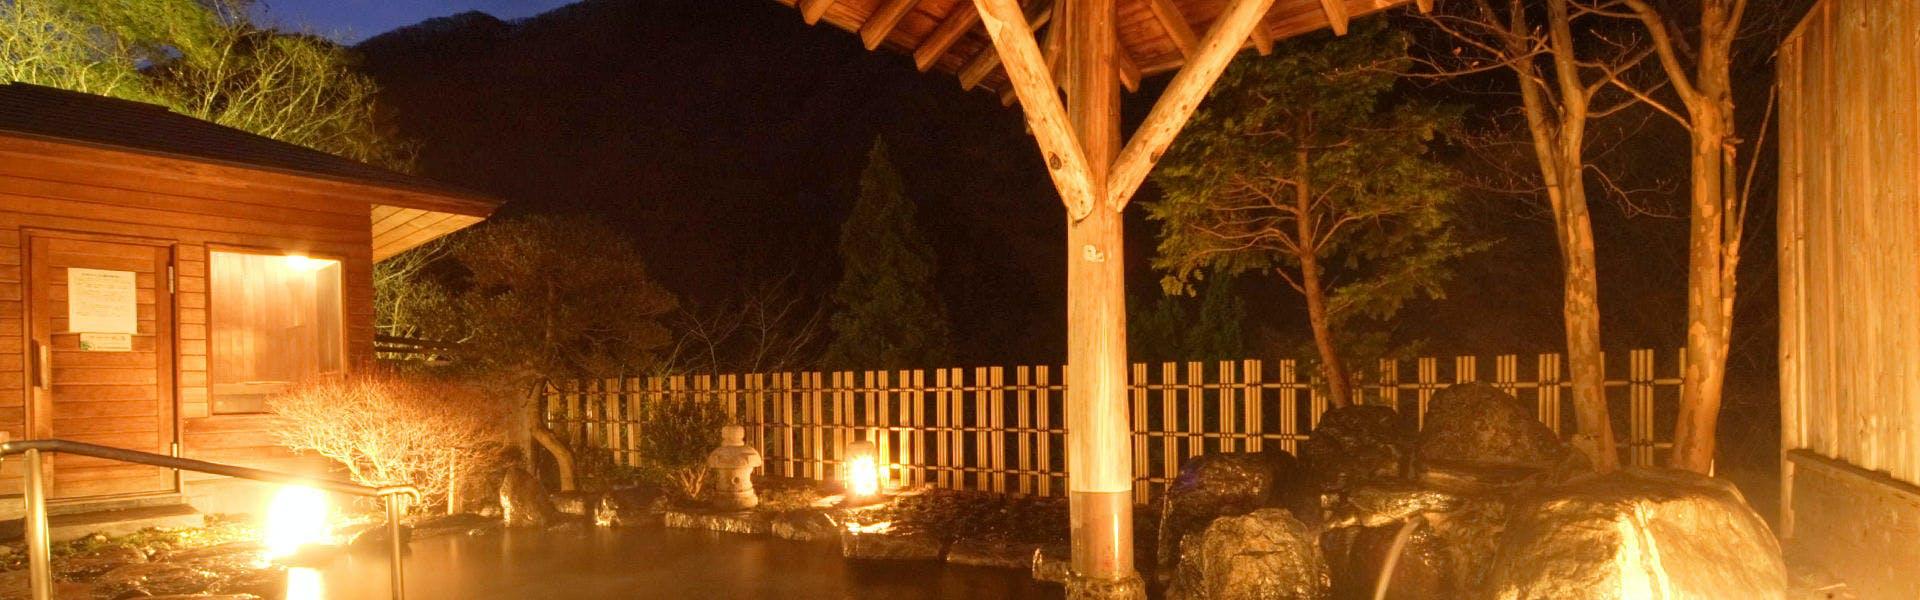 記念日におすすめのホテル・【吟松亭あわしま】の写真1